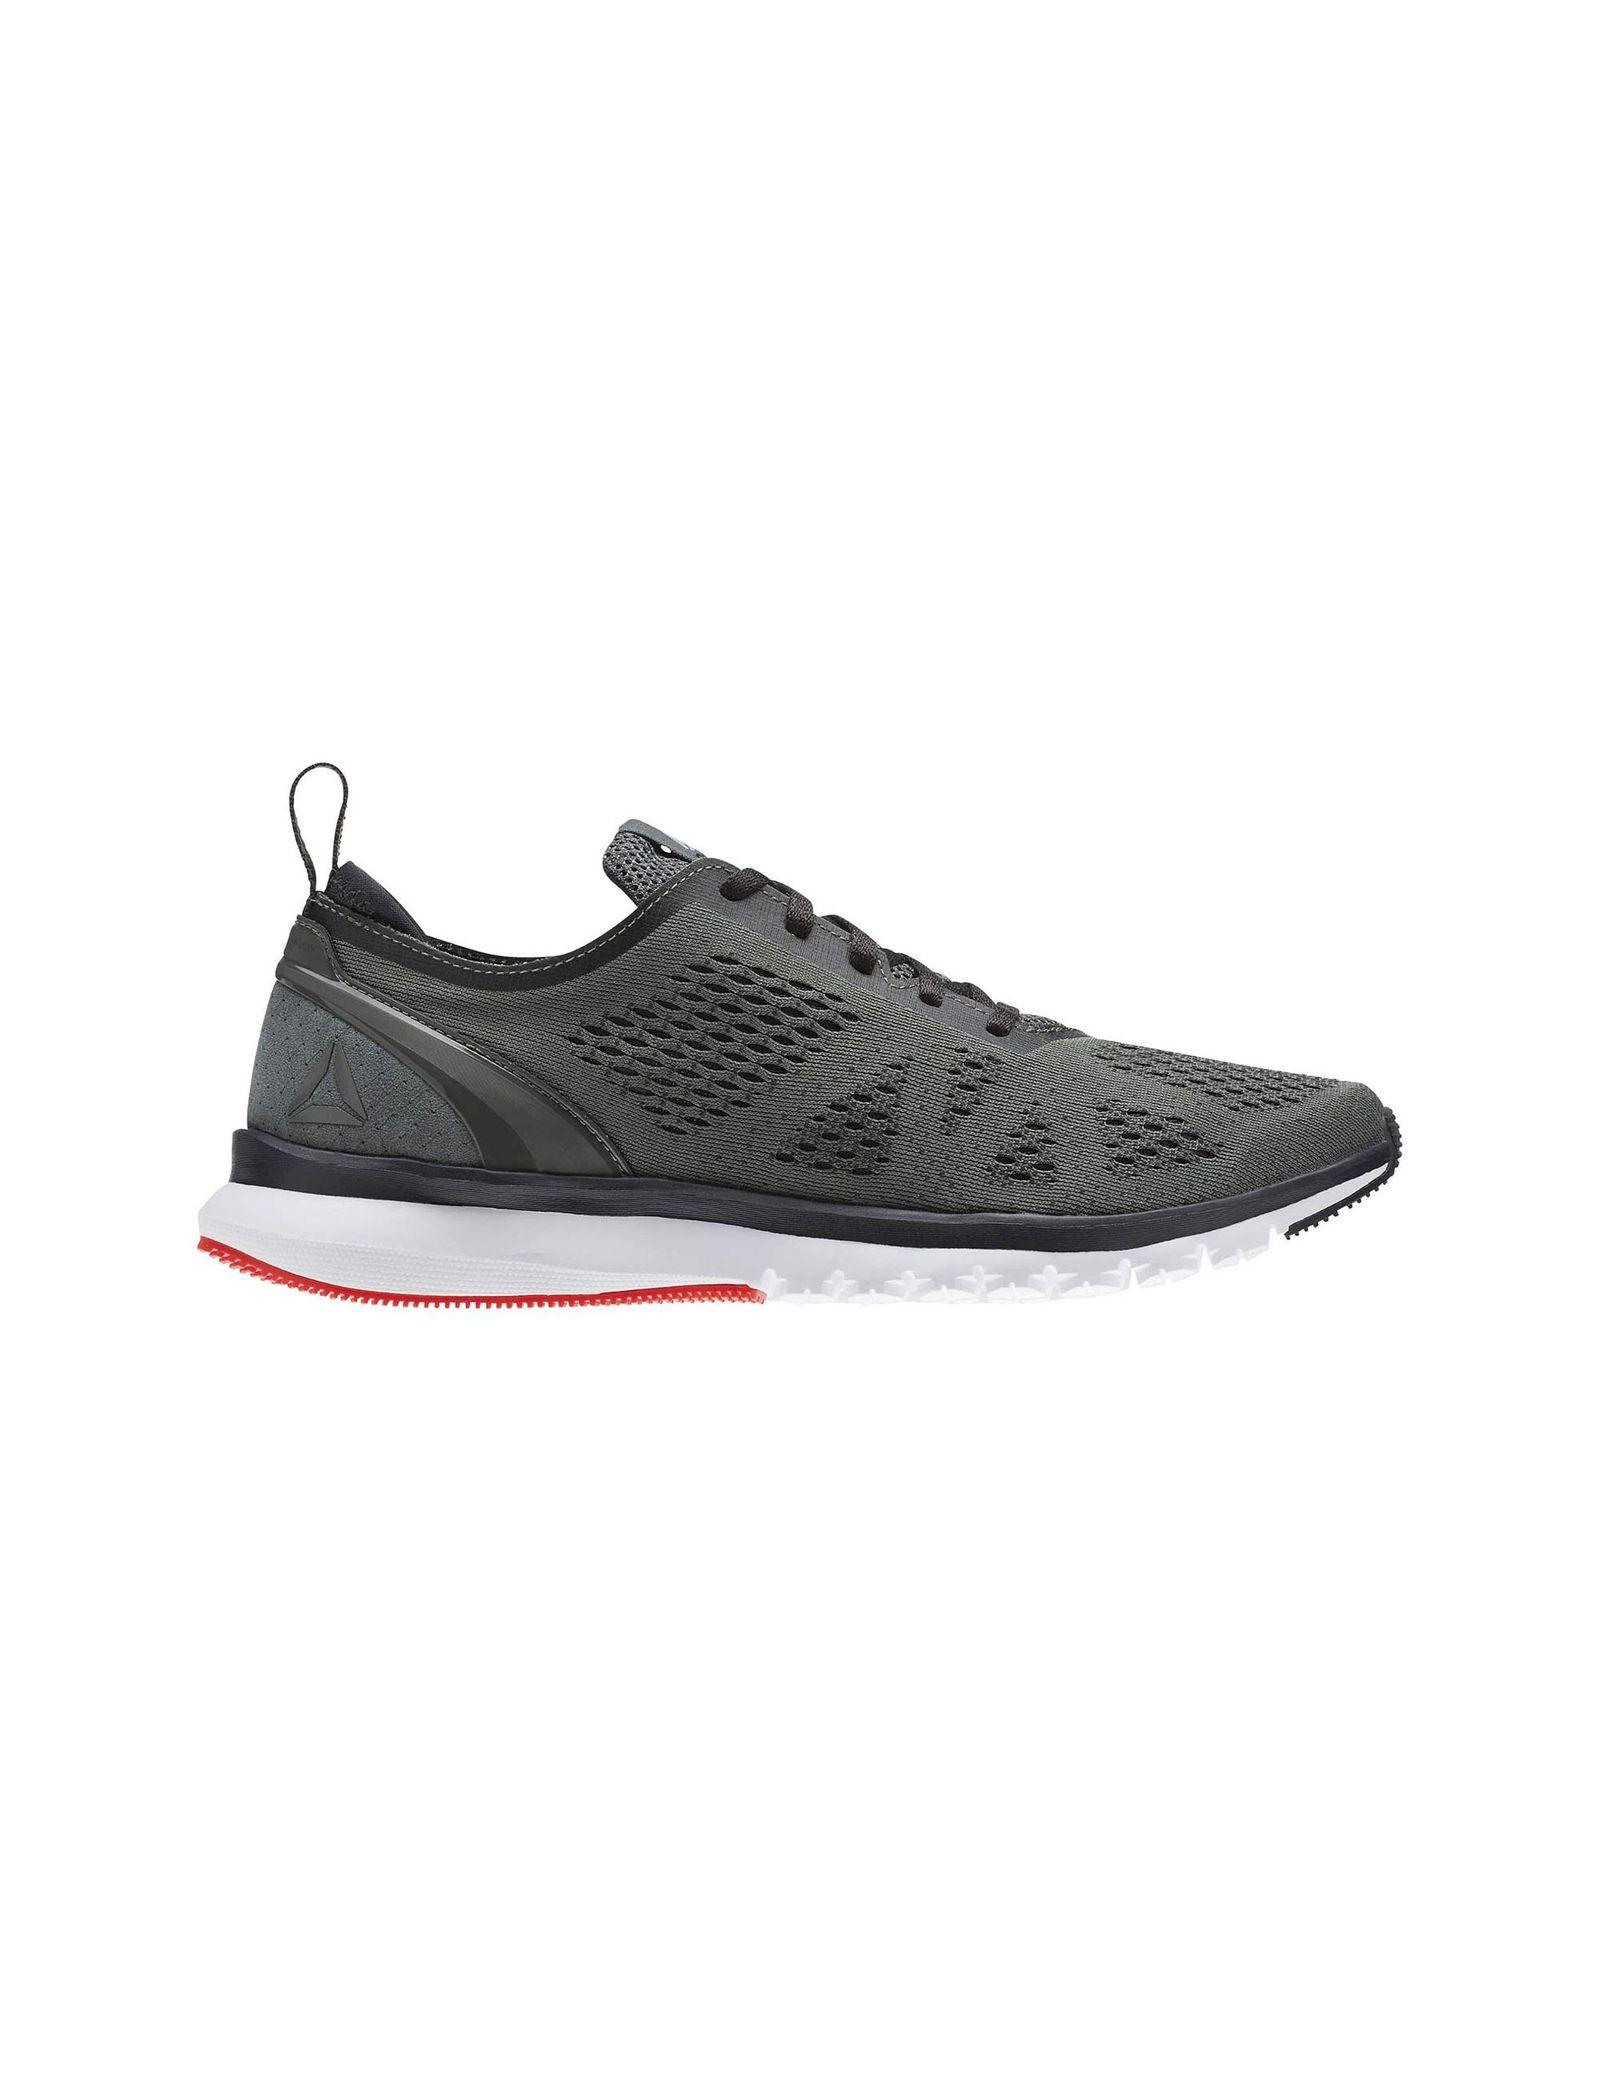 کفش دویدن بندی مردانه Smooth Clip Ultraknit - ریباک - طوسي - 1